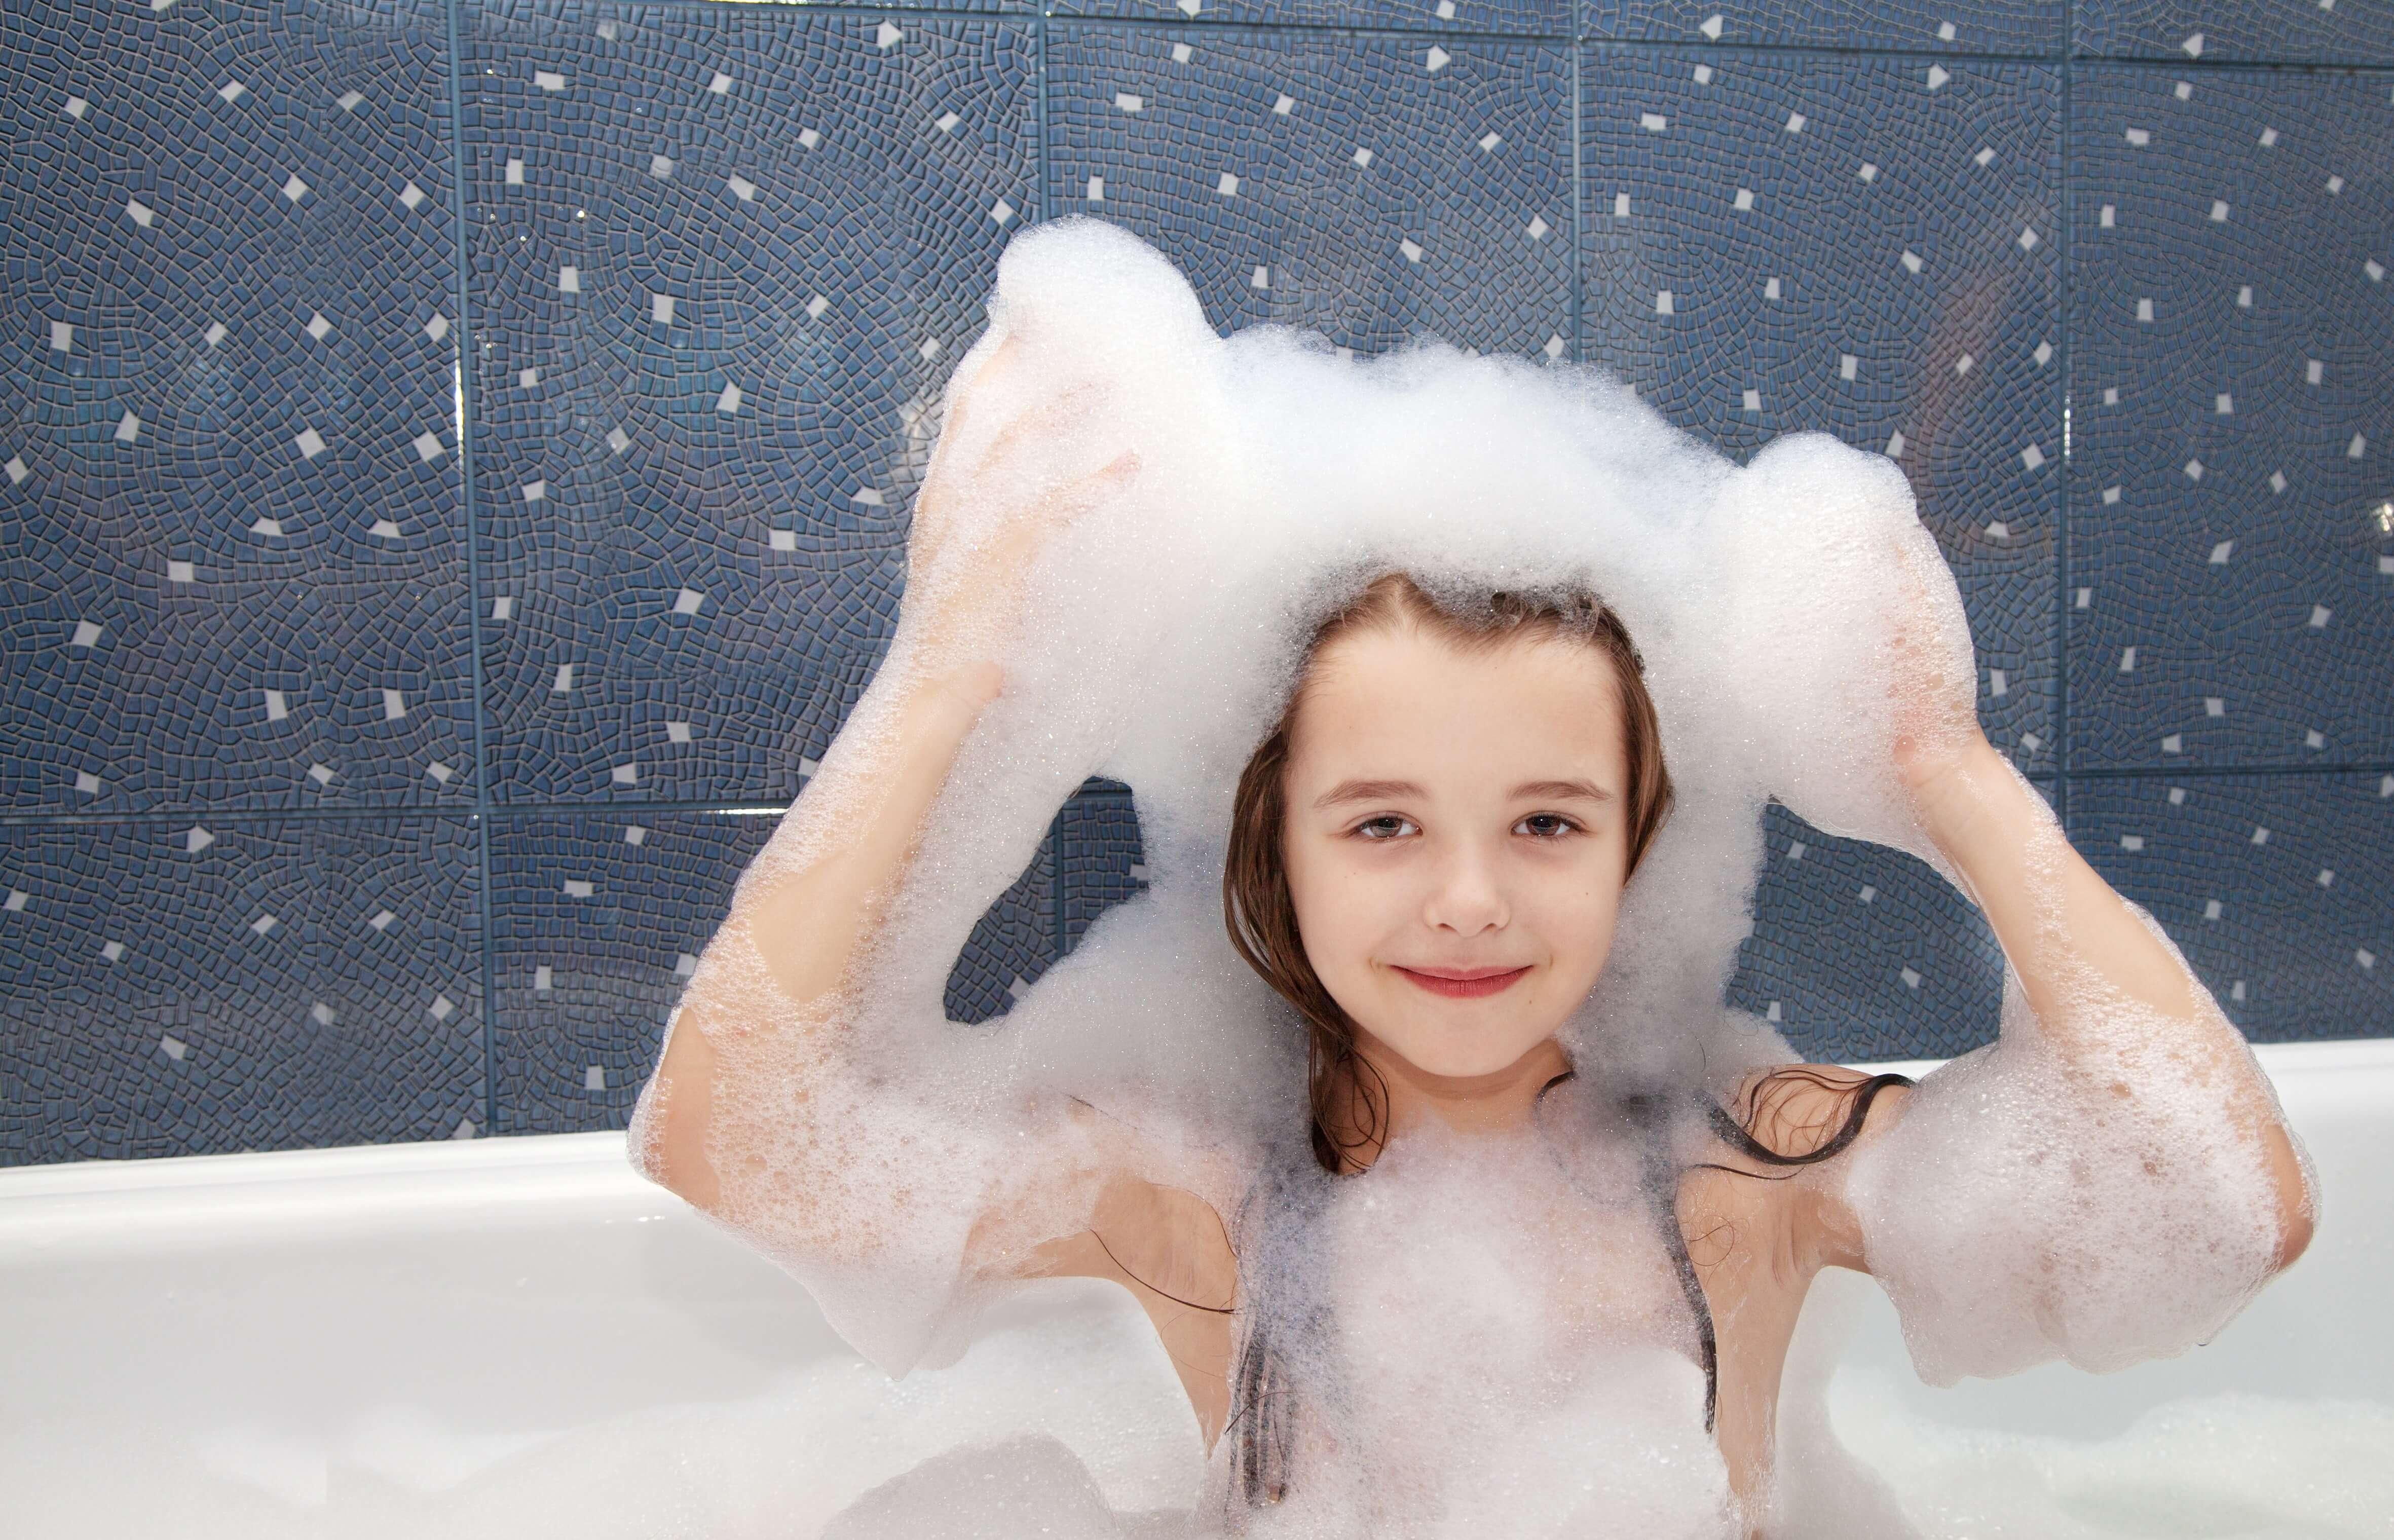 風呂 お風呂でダイエット お腹 : ダイエット効果のあるお風呂の ...